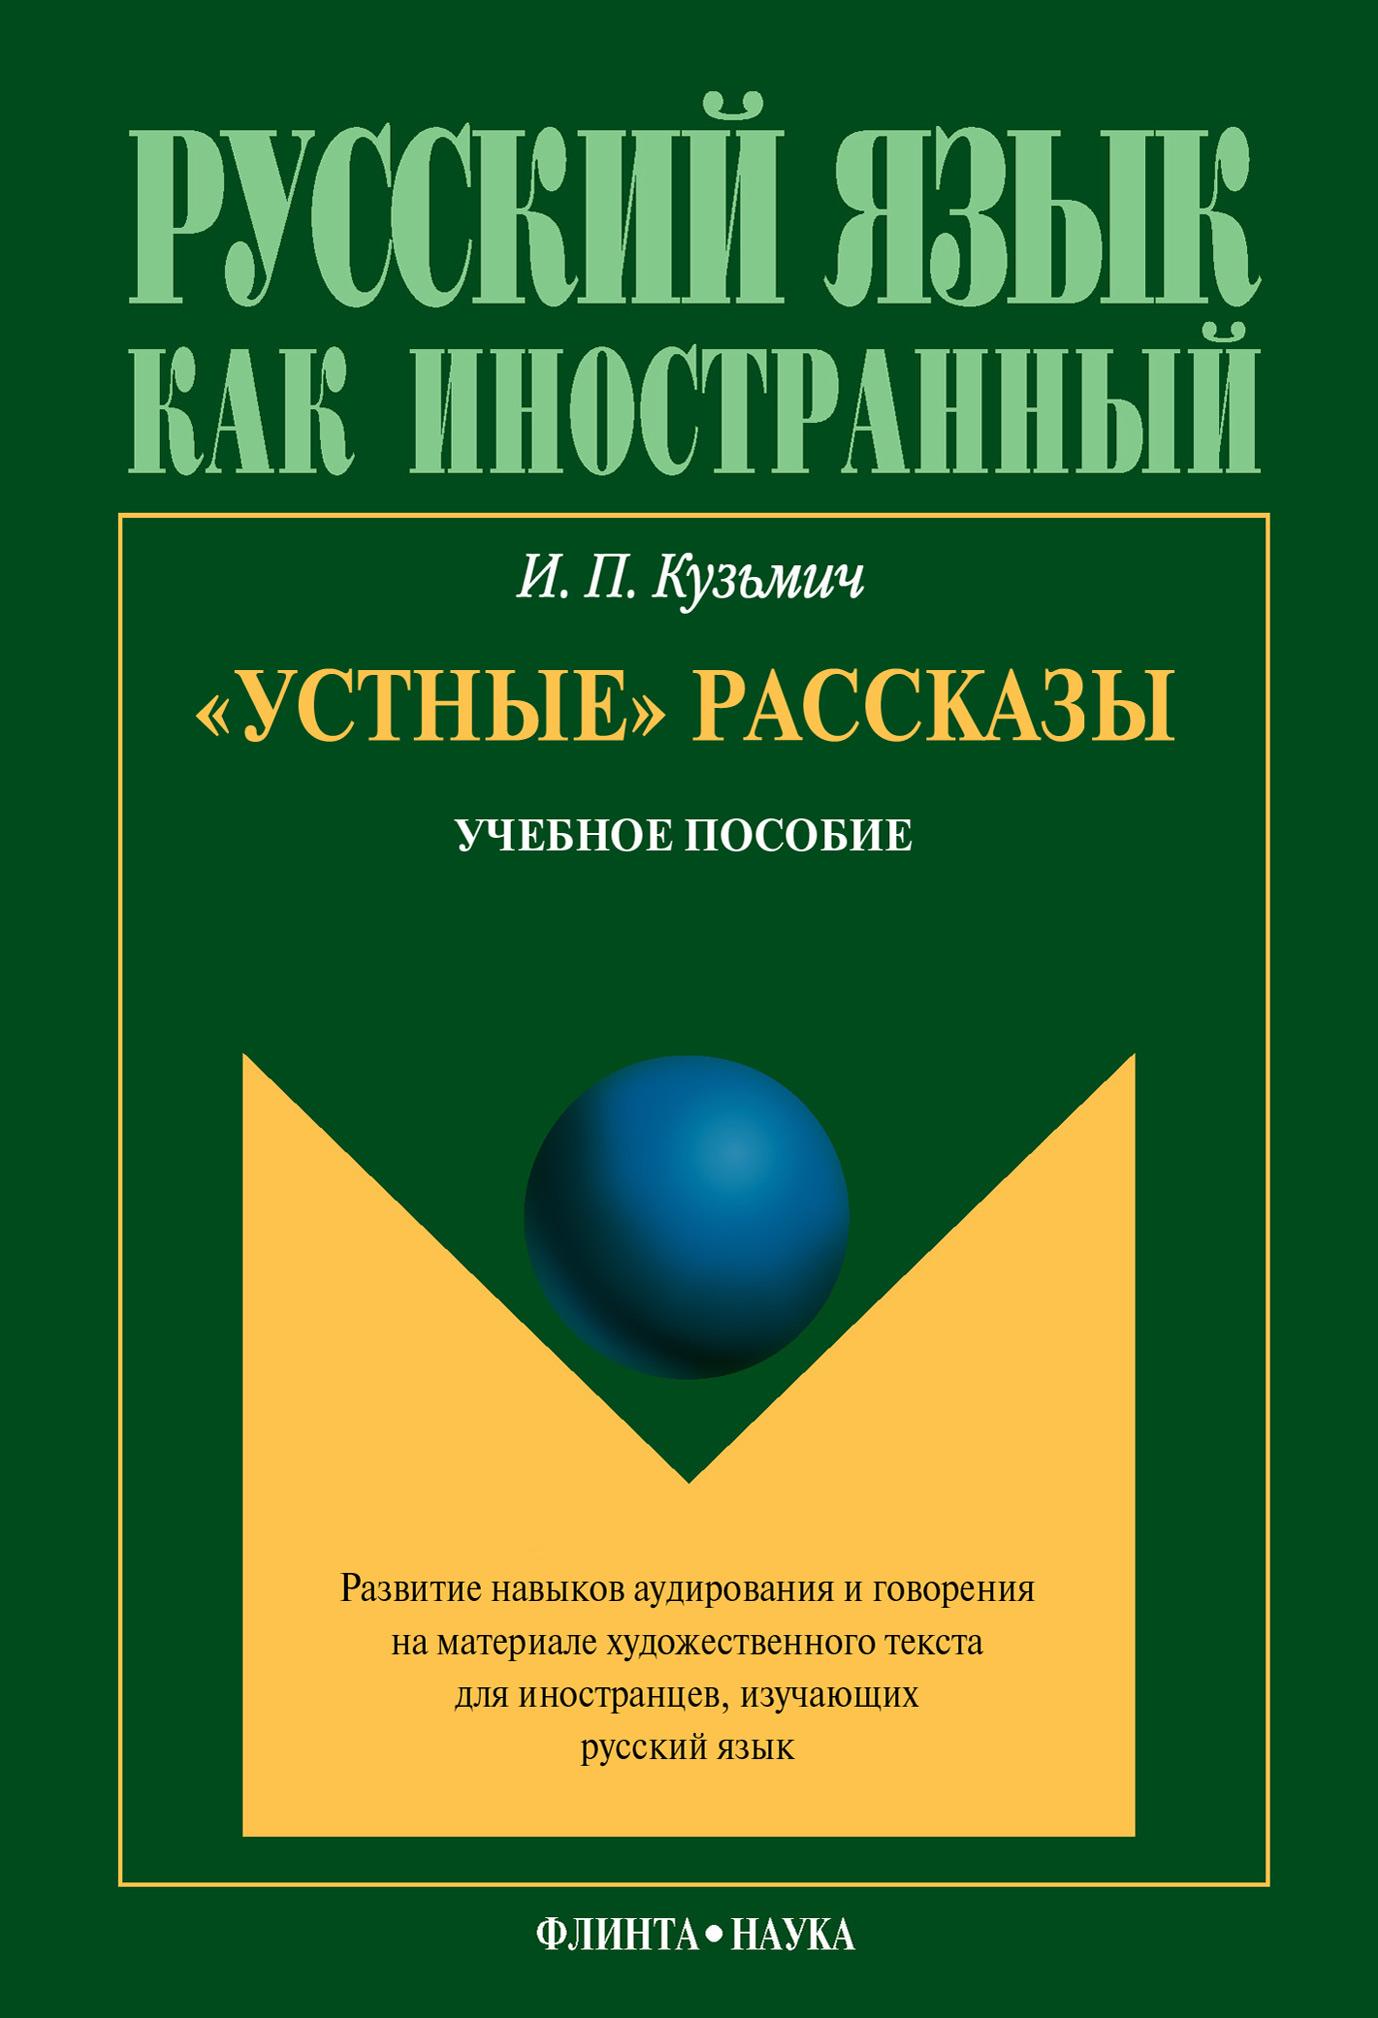 И. П. Кузьмич «Устные» рассказы. Учебное пособие